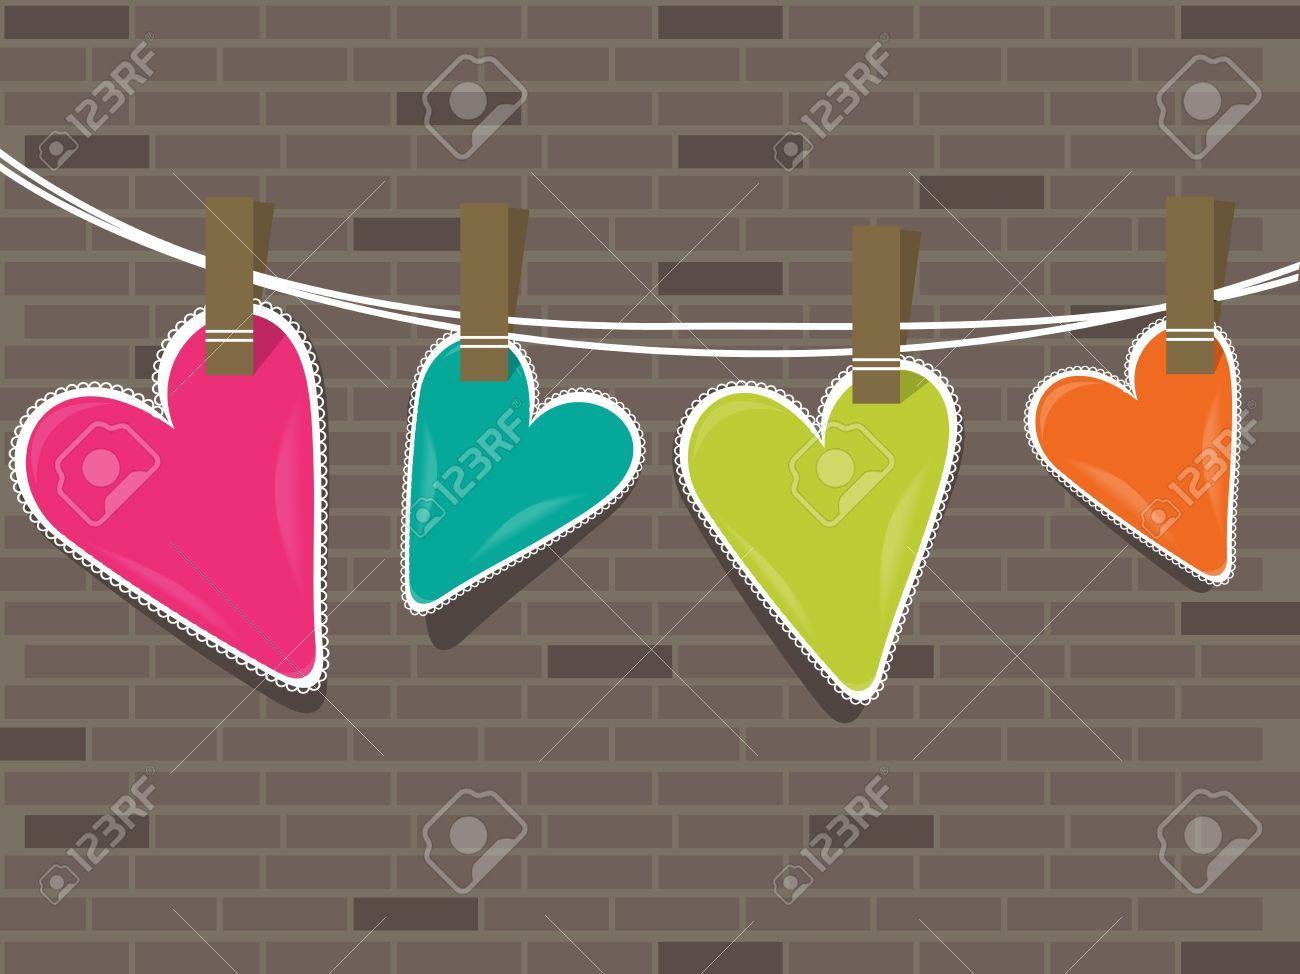 imagenes de corazones de colores - Buscar con Google